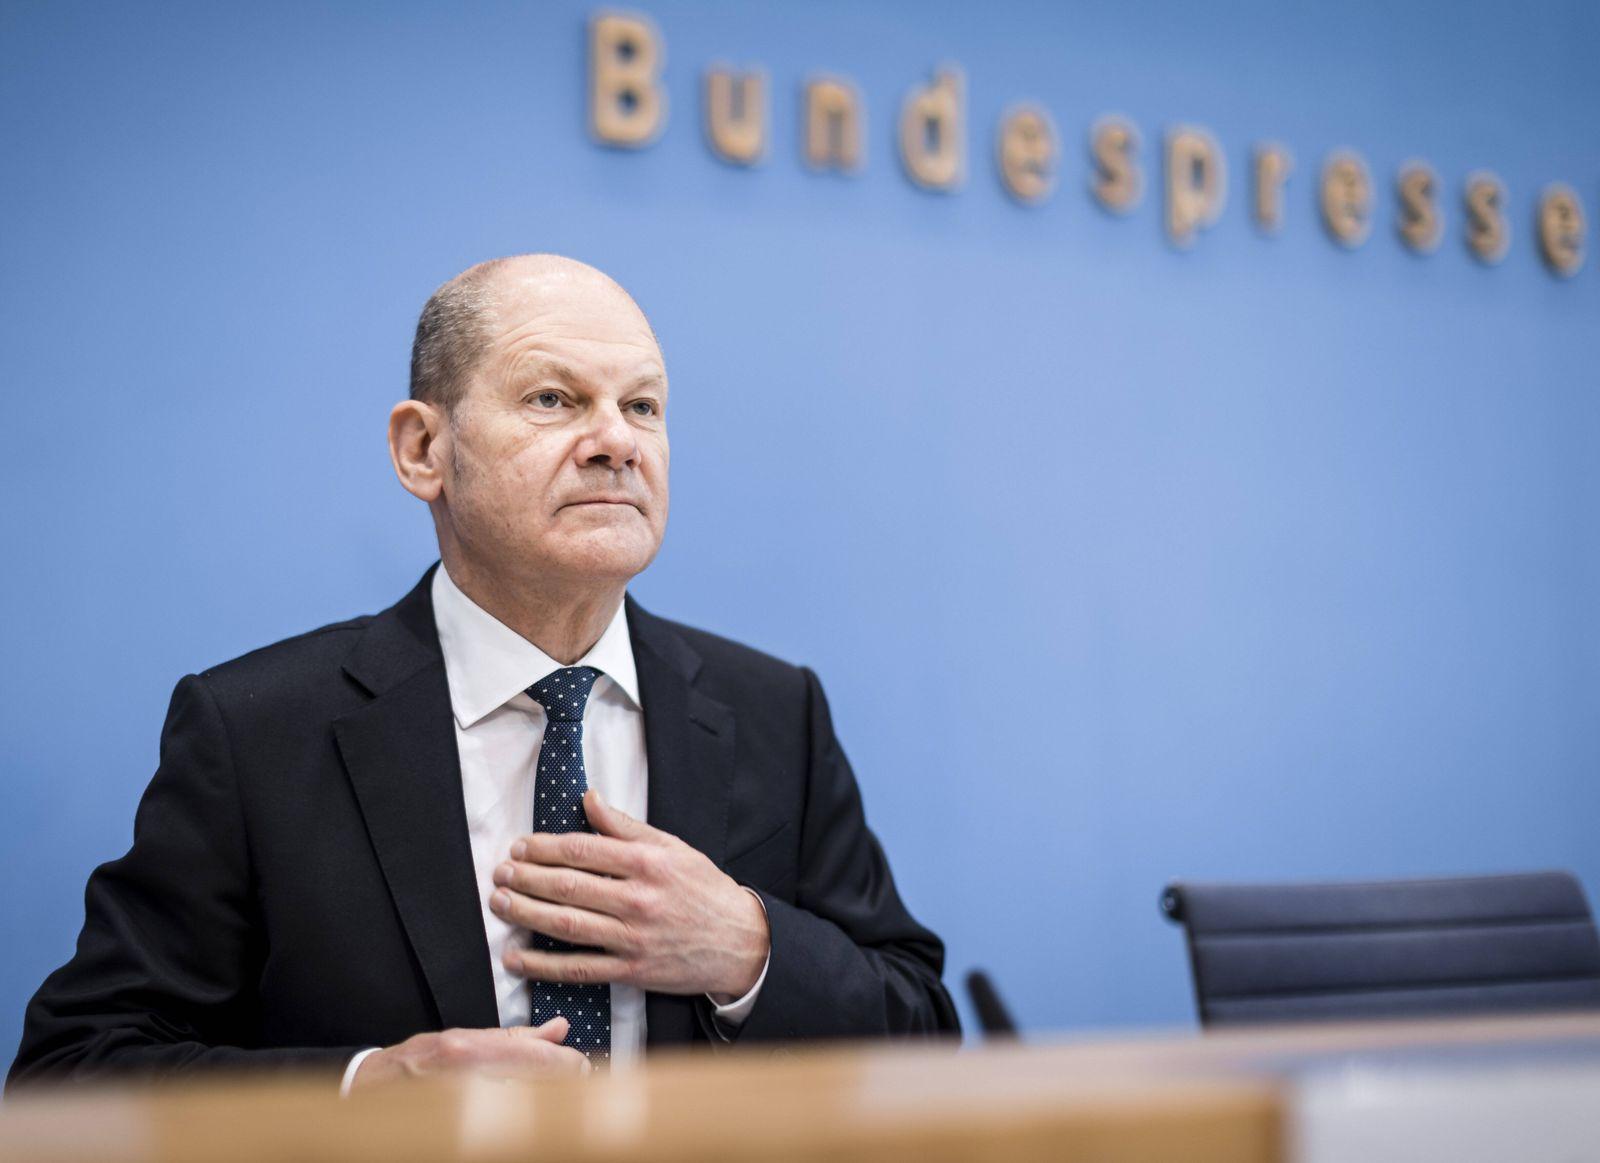 Bundesfinanzminister Olaf Scholz, SPD, aufgenommen im Rahmen einer Pressekonferenz zum Thema Steuerschaetzung, in der B